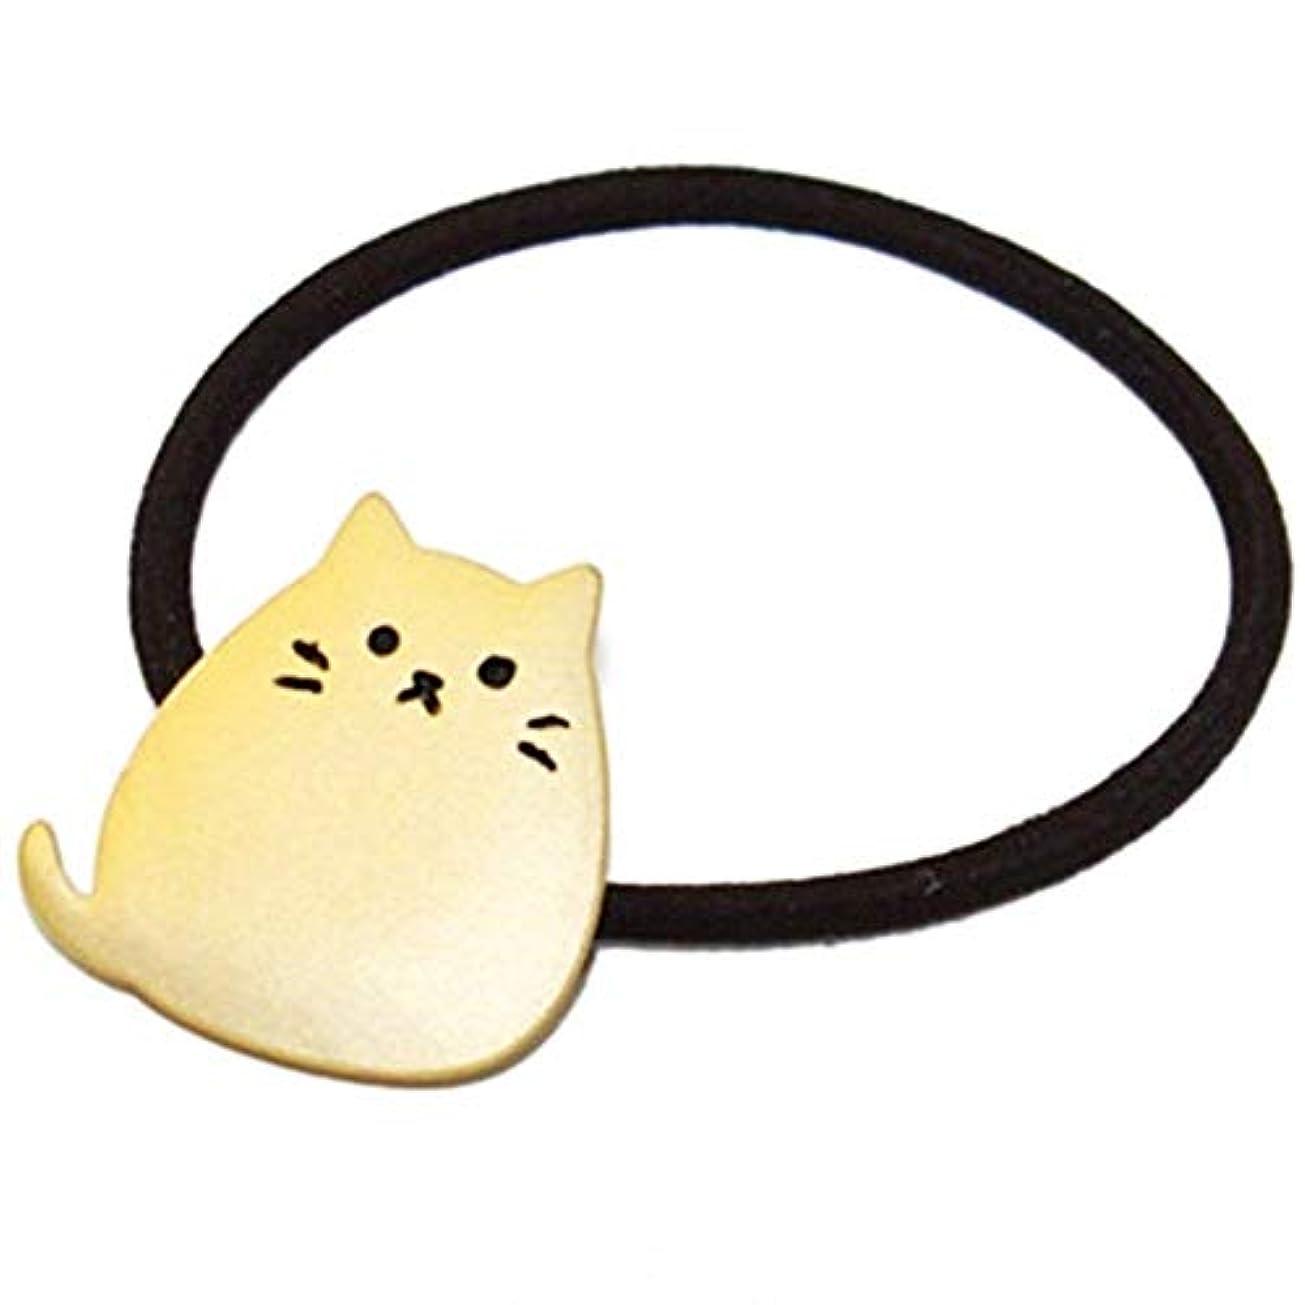 指紋レジ分類Onior ヘアロープ 弾性 リボン 髪飾り ヘアネクタイ 猫形 金属 メッキ 1ピース ゴールデン